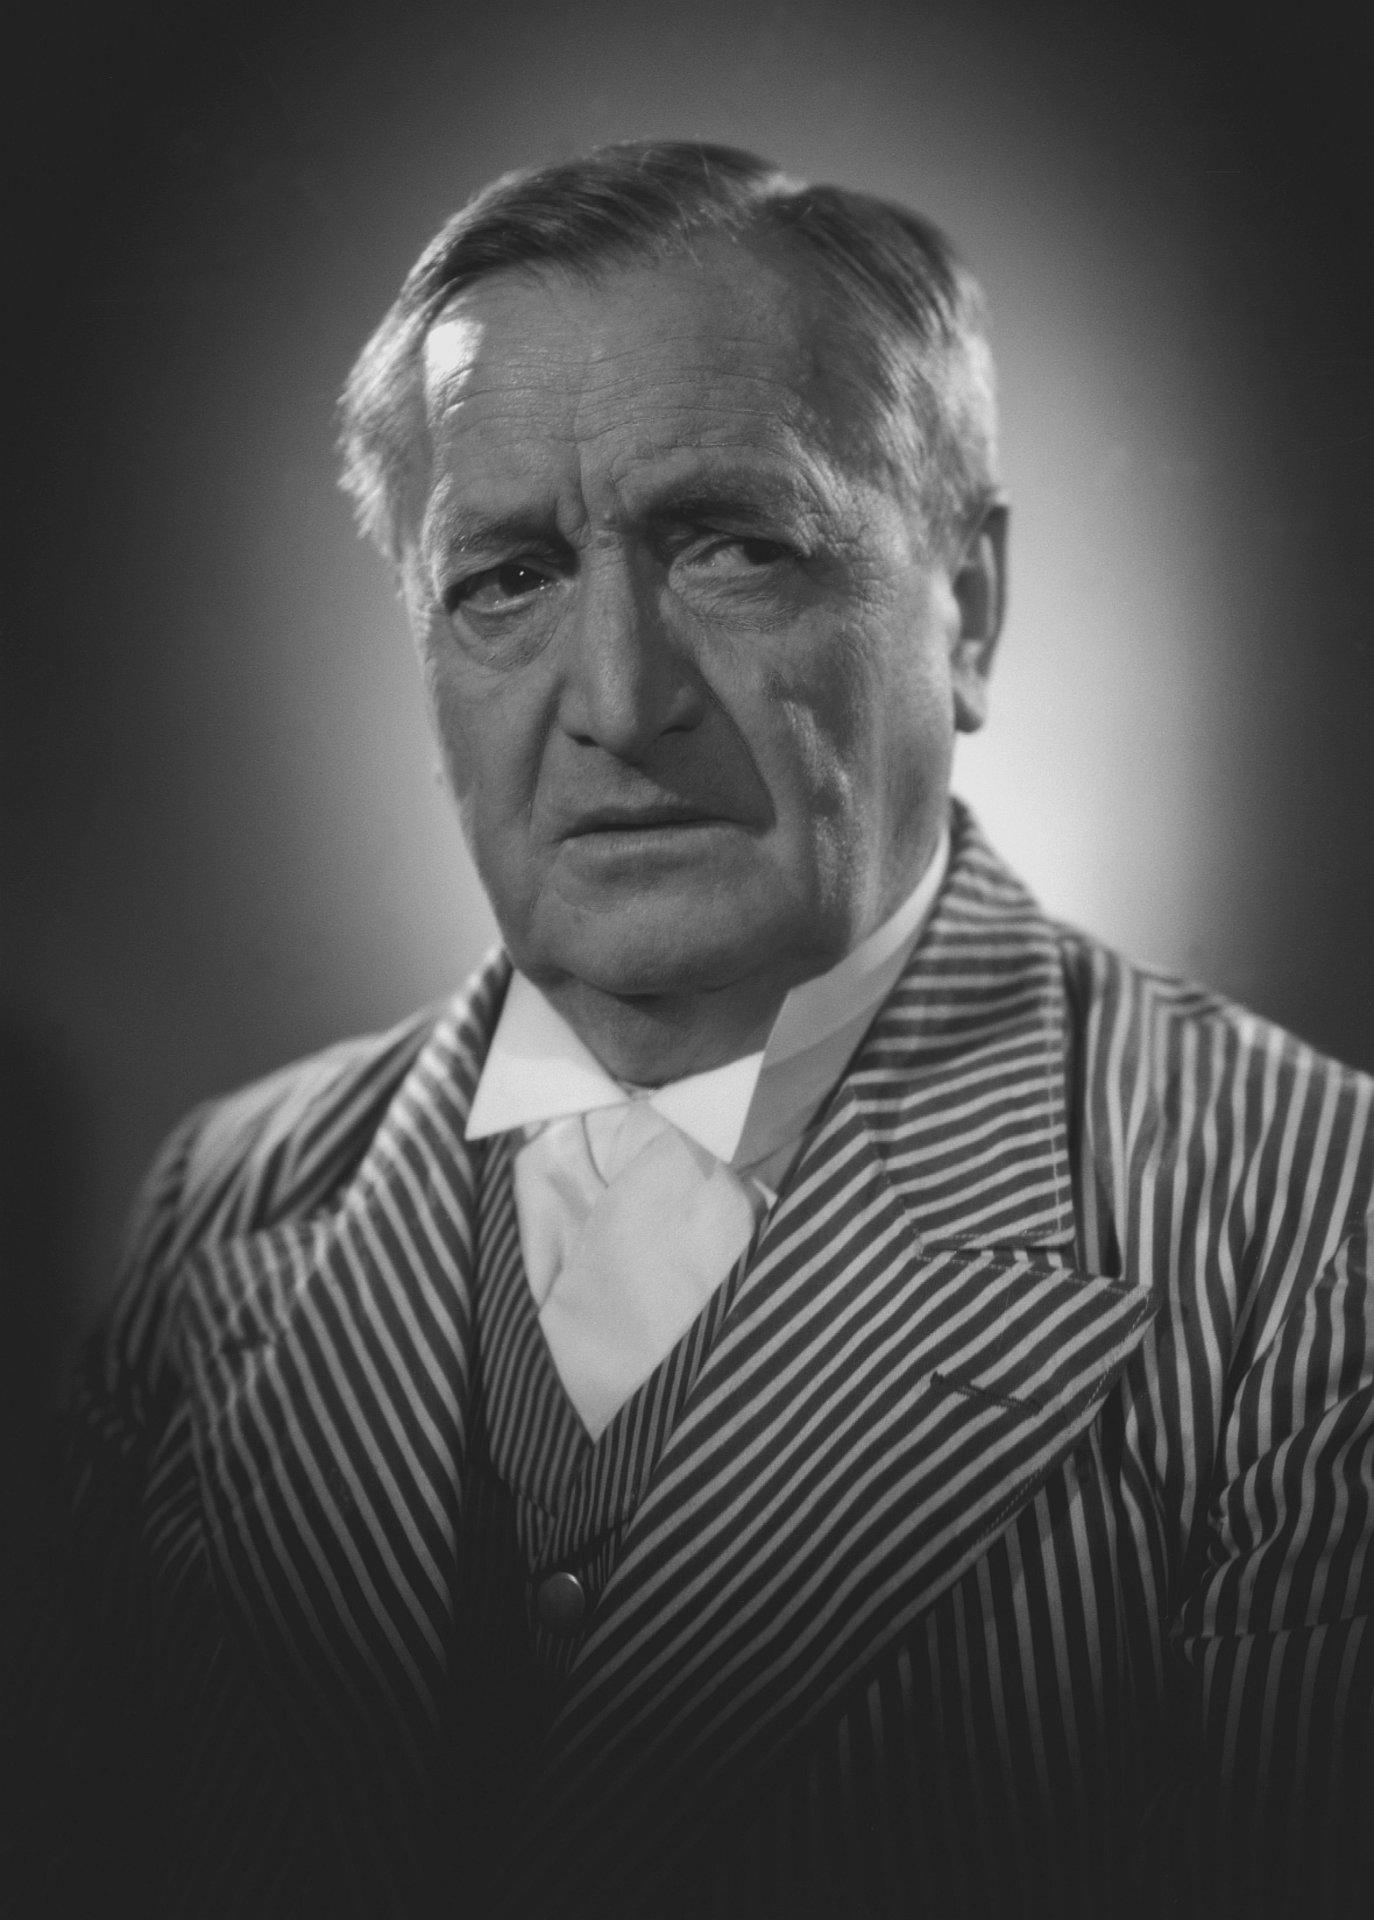 <b>Hans Moser</b> Poster - jetzt-schlgts-13-hans-moser-9-rcm0x1920u